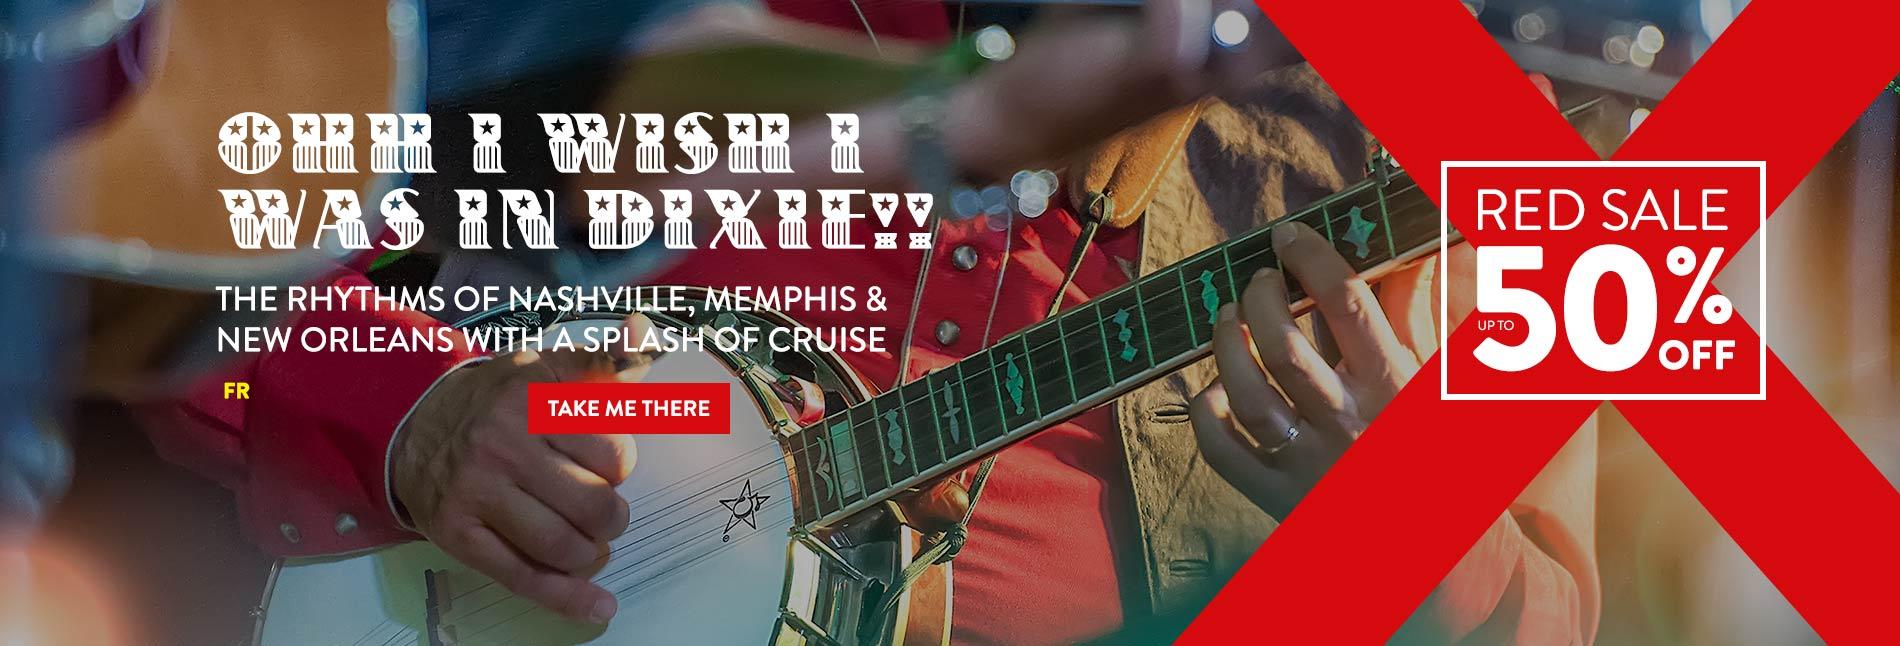 Nashville, Memphis & New Orleans Cruise Deals